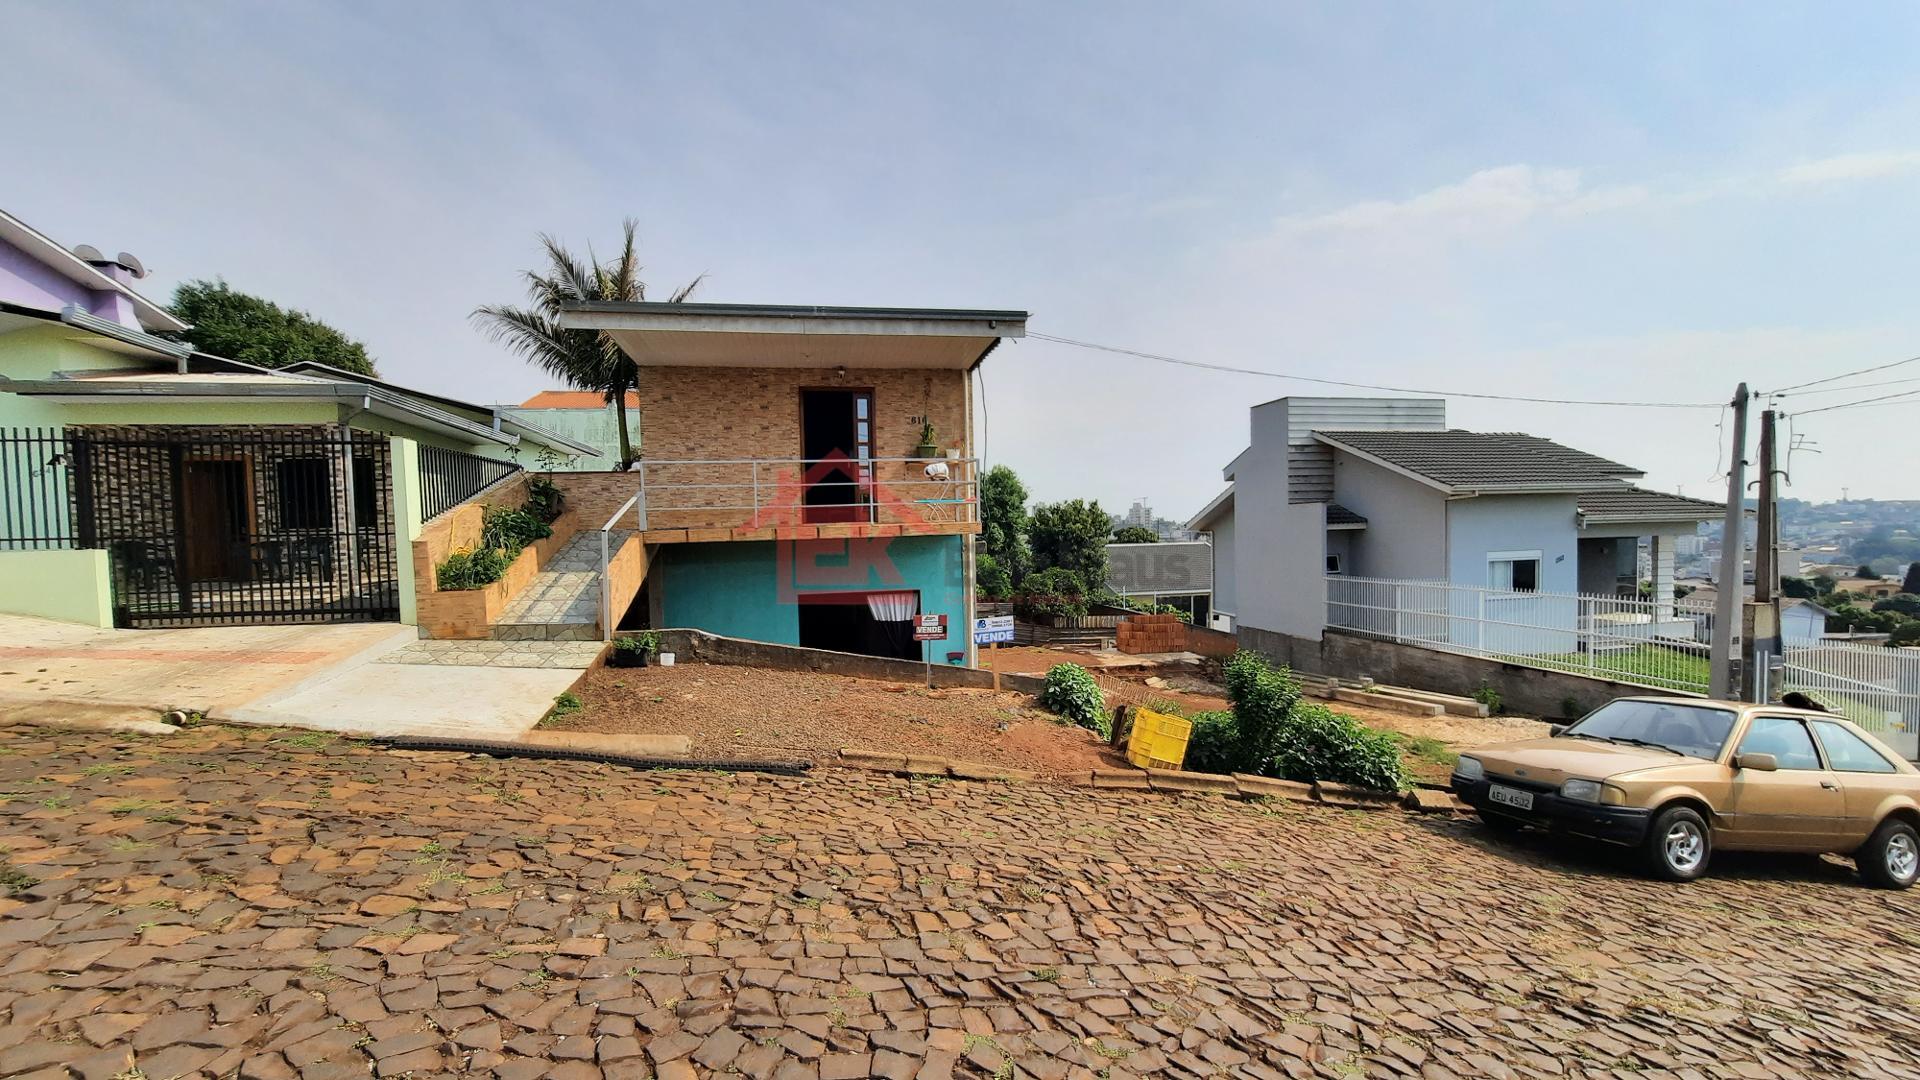 Casa, SANTA CATARINA, SAO LOURENCO DO OESTE - SC